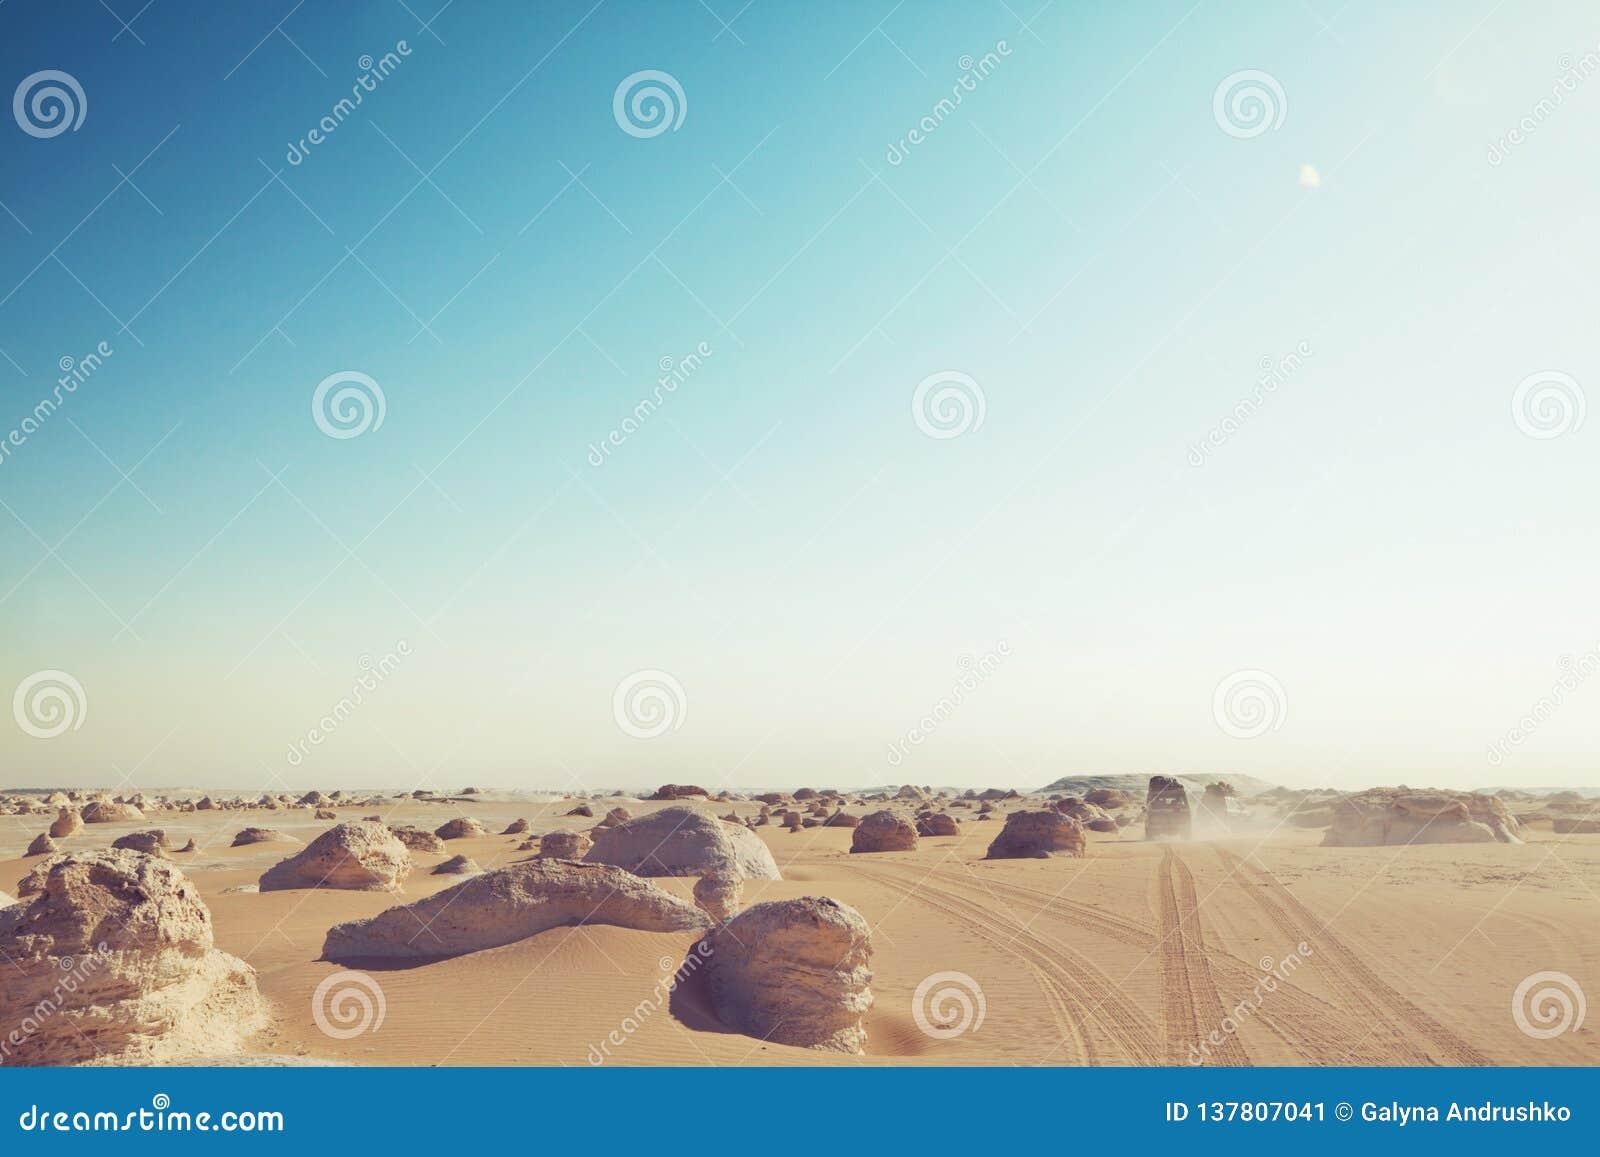 Witte woestijn in Egypte